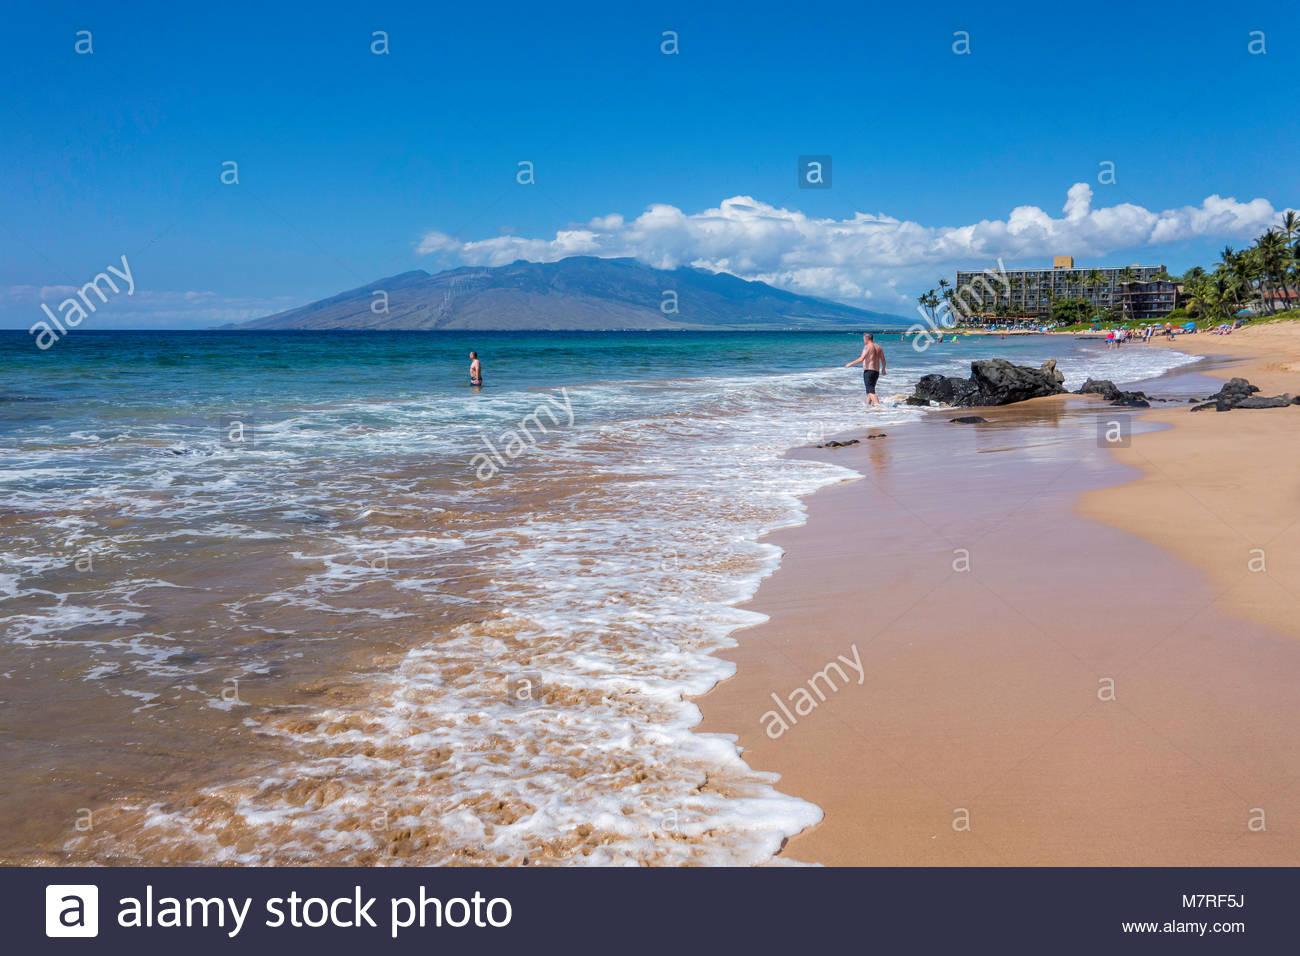 Spiaggia Keawakapu un palmo rivestito di sabbia spiaggia Polinesiana con delicata navigare sull'isola del Pacifico Immagini Stock